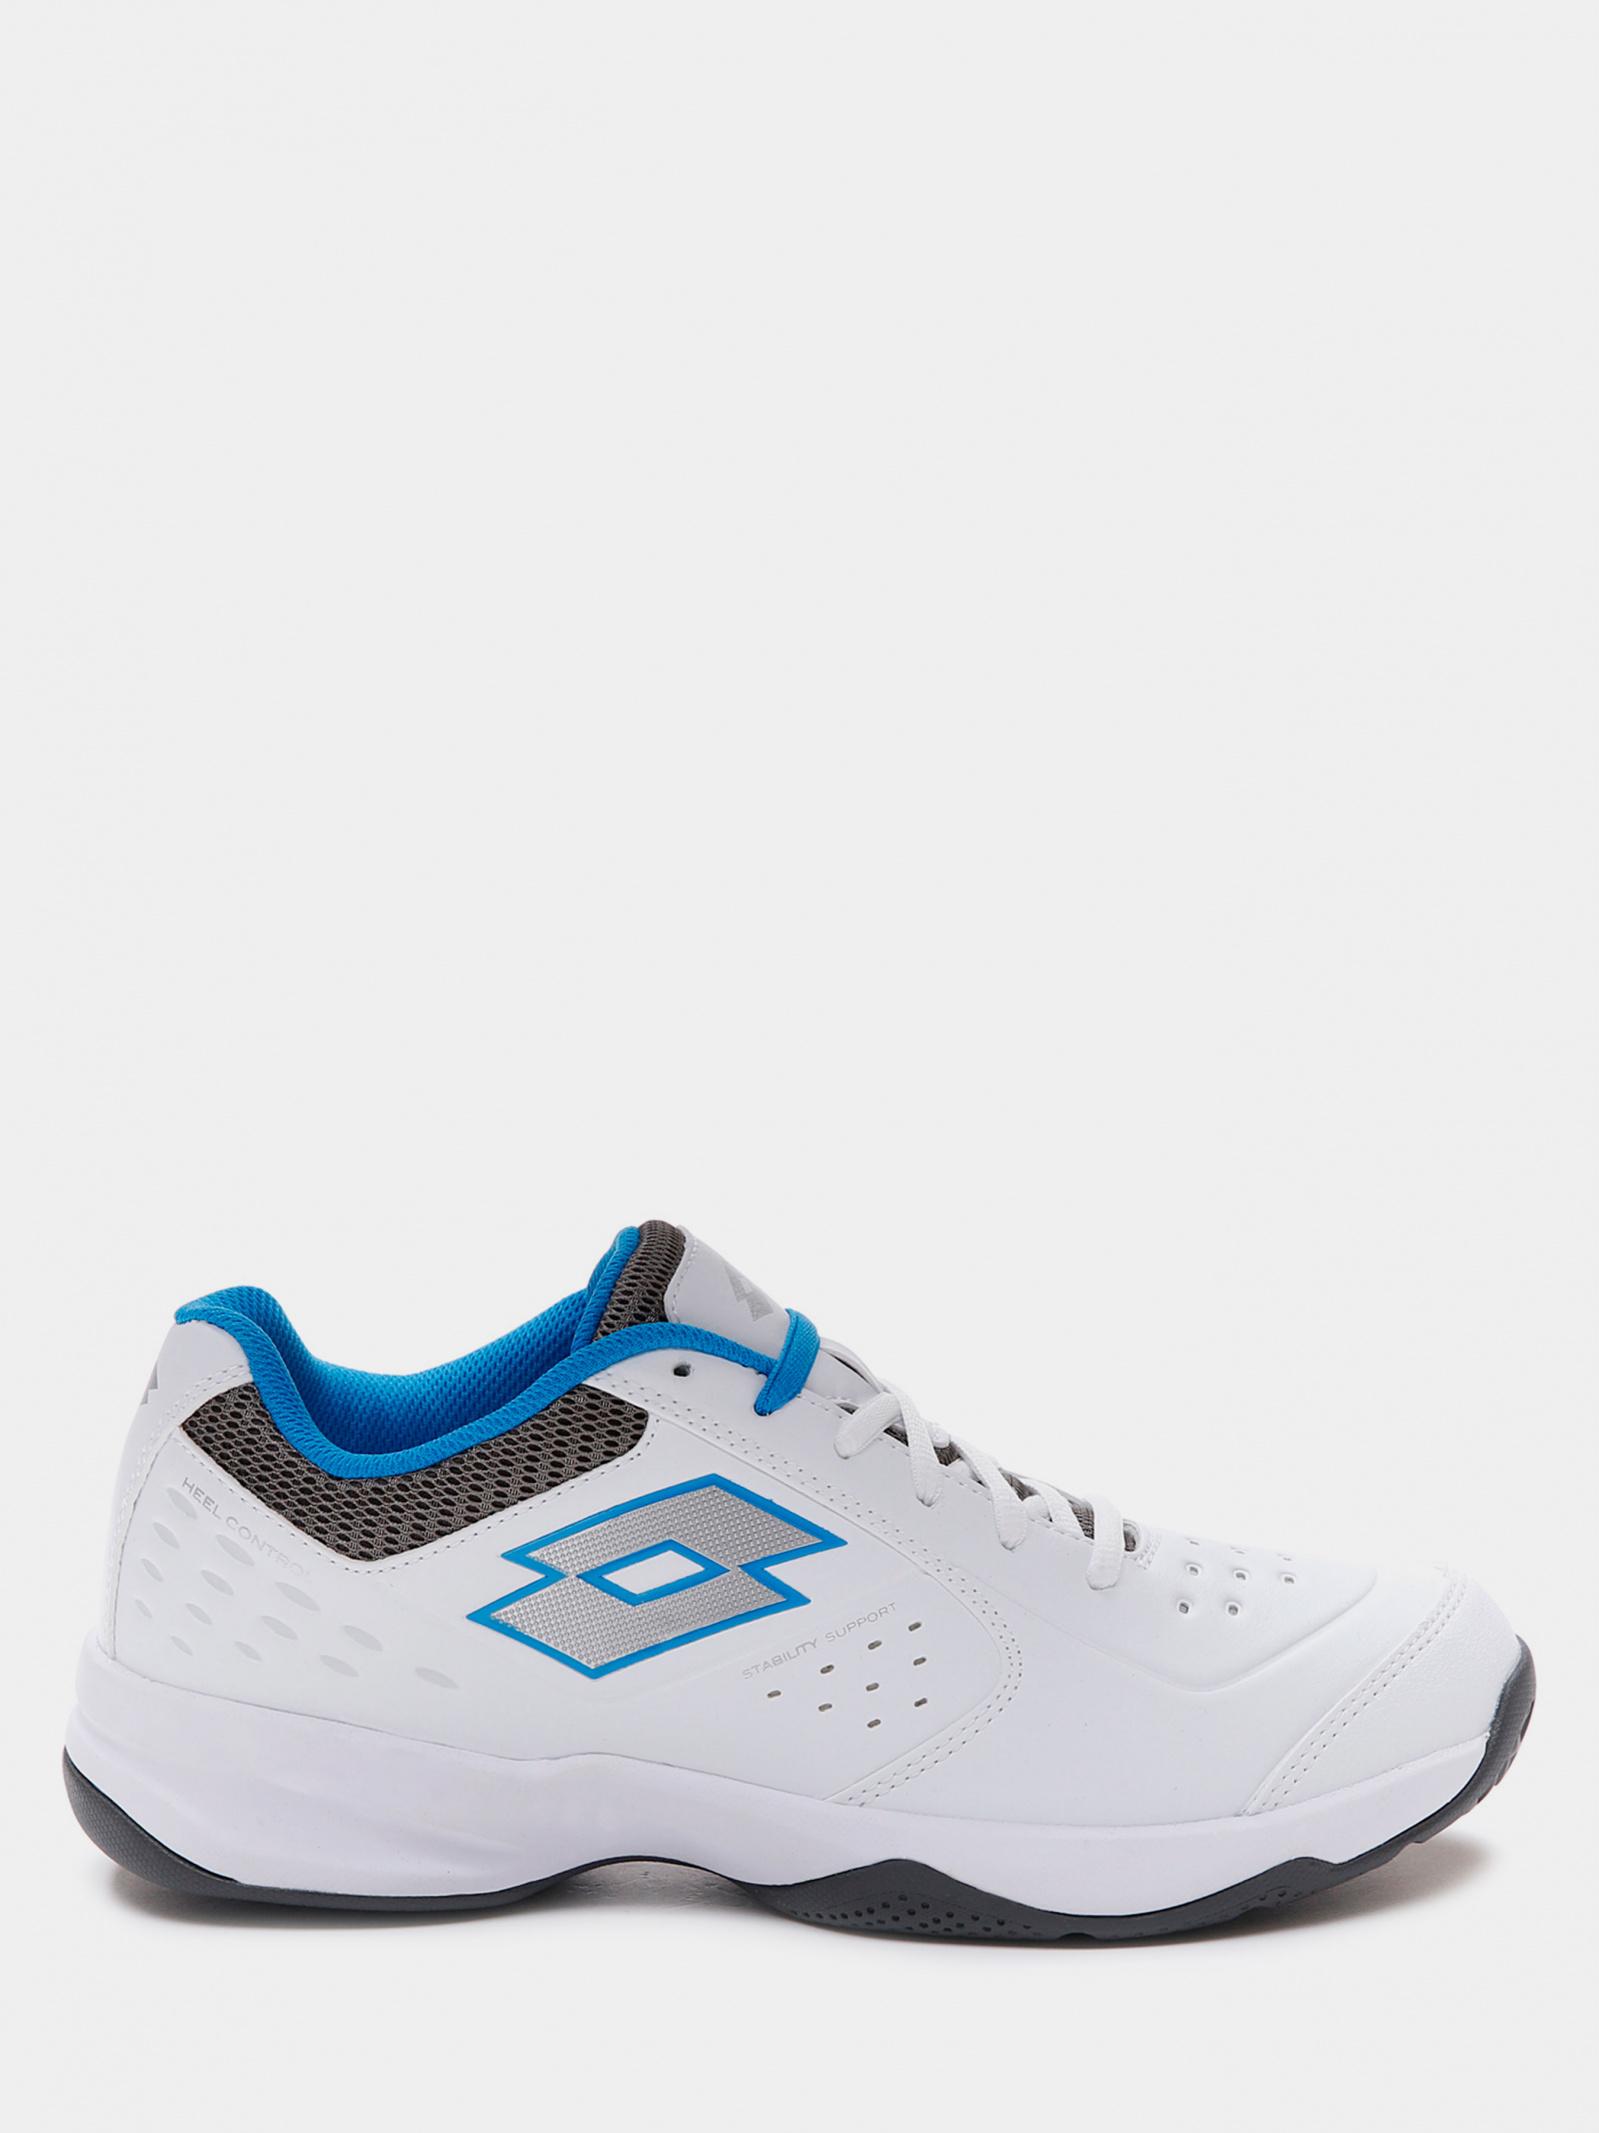 Кроссовки теннисные для мужчин SPACE 600 II ALR 213630_5Y0 размерная сетка обуви, 2017